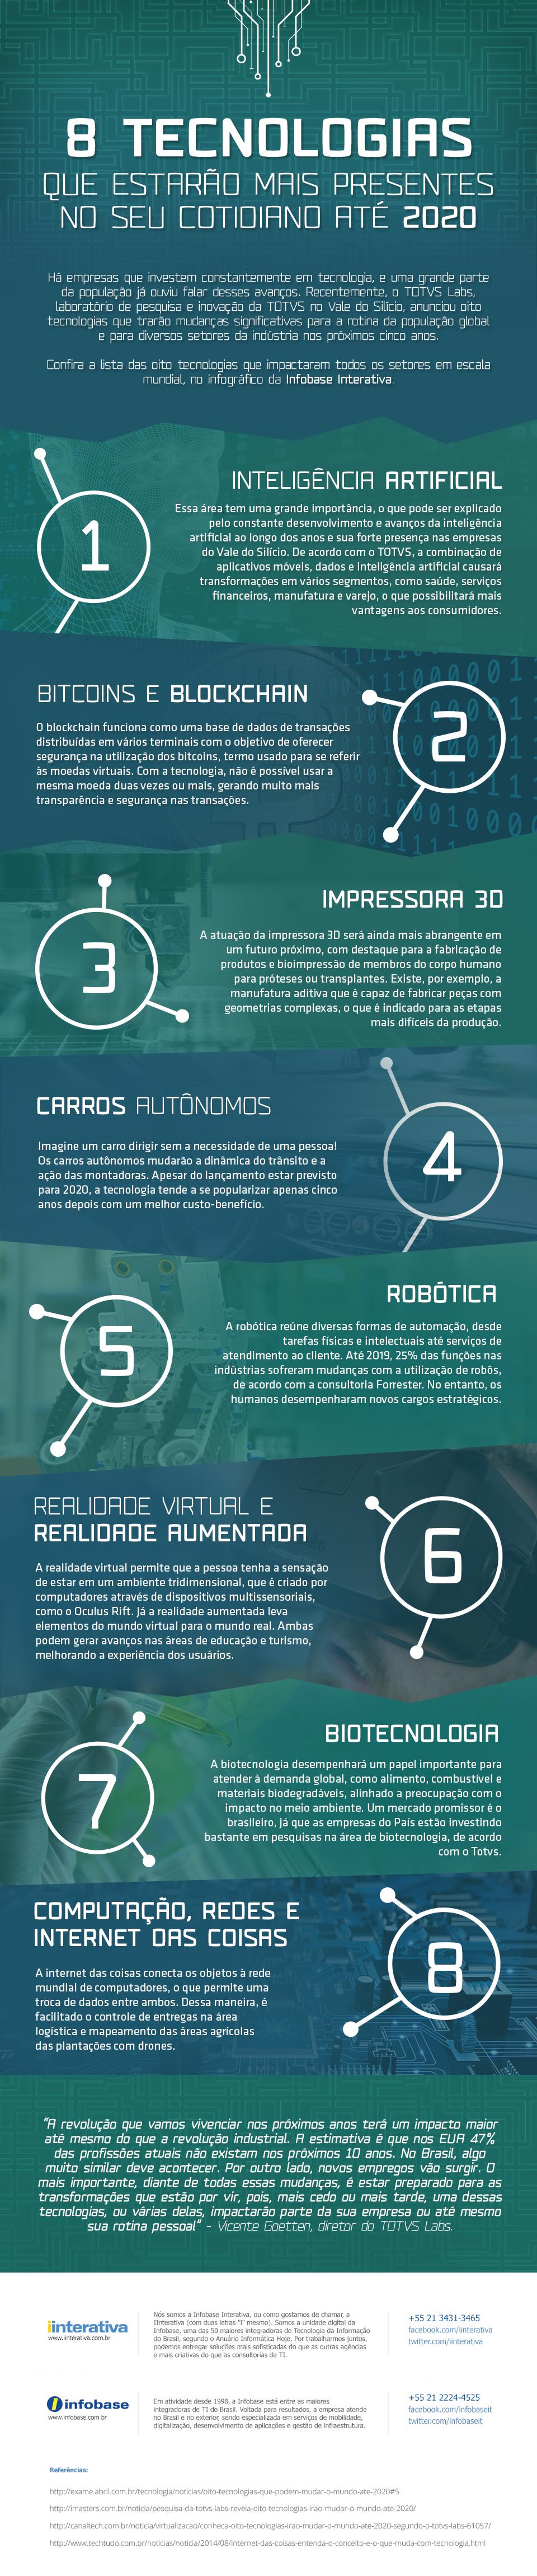 8 tecnologias que devem fazer parte do seu cotidiano na próxima década